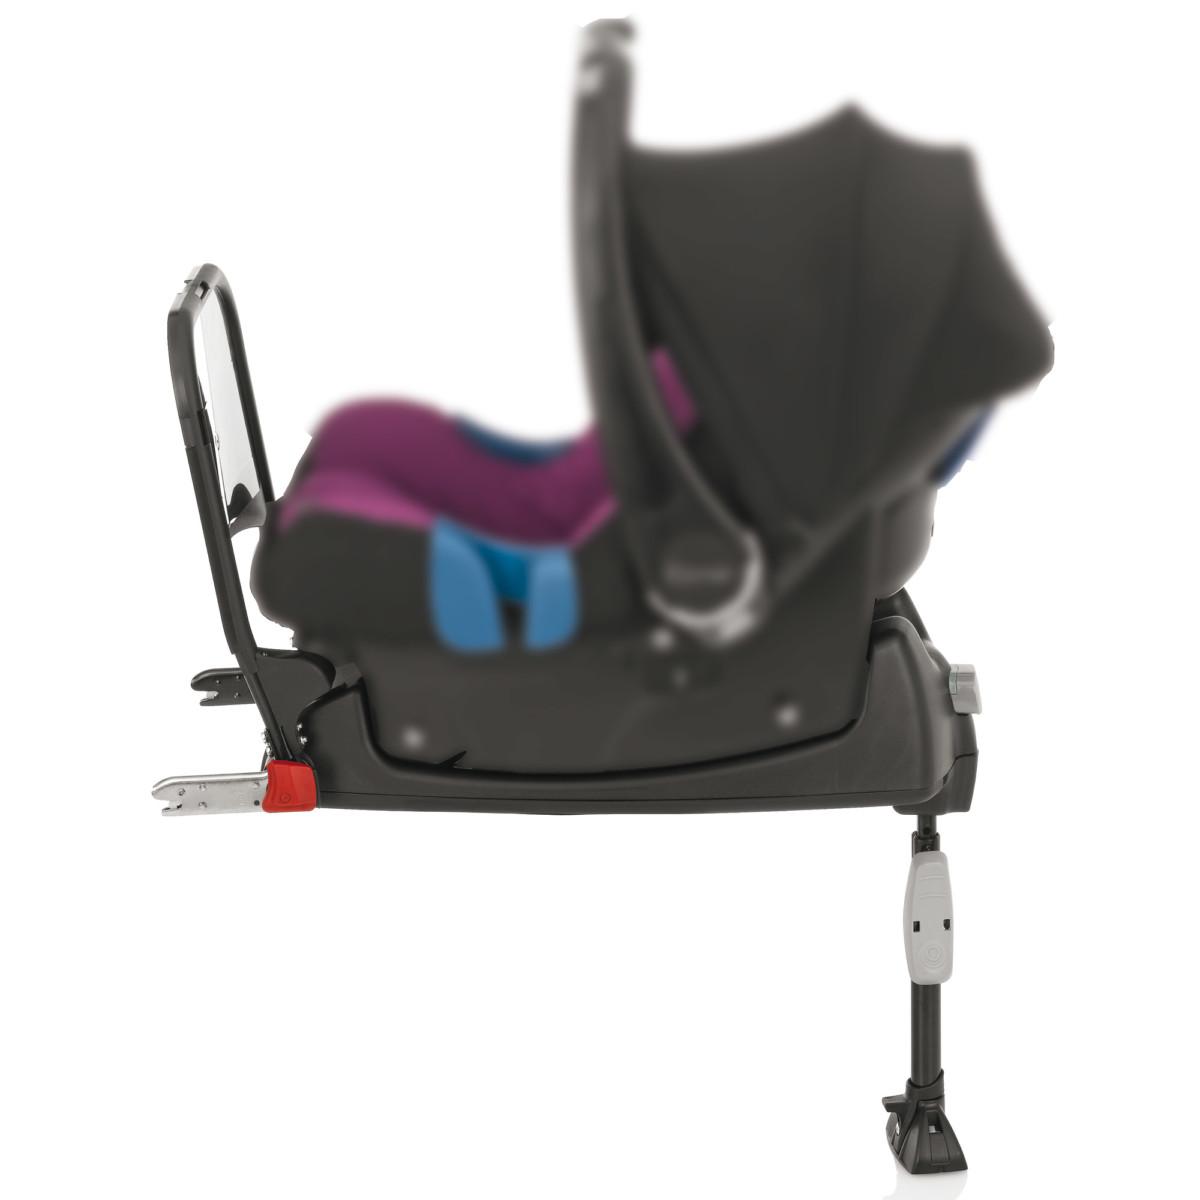 Base Isofix Noir de Britax, Embases de sièges auto : Aubert